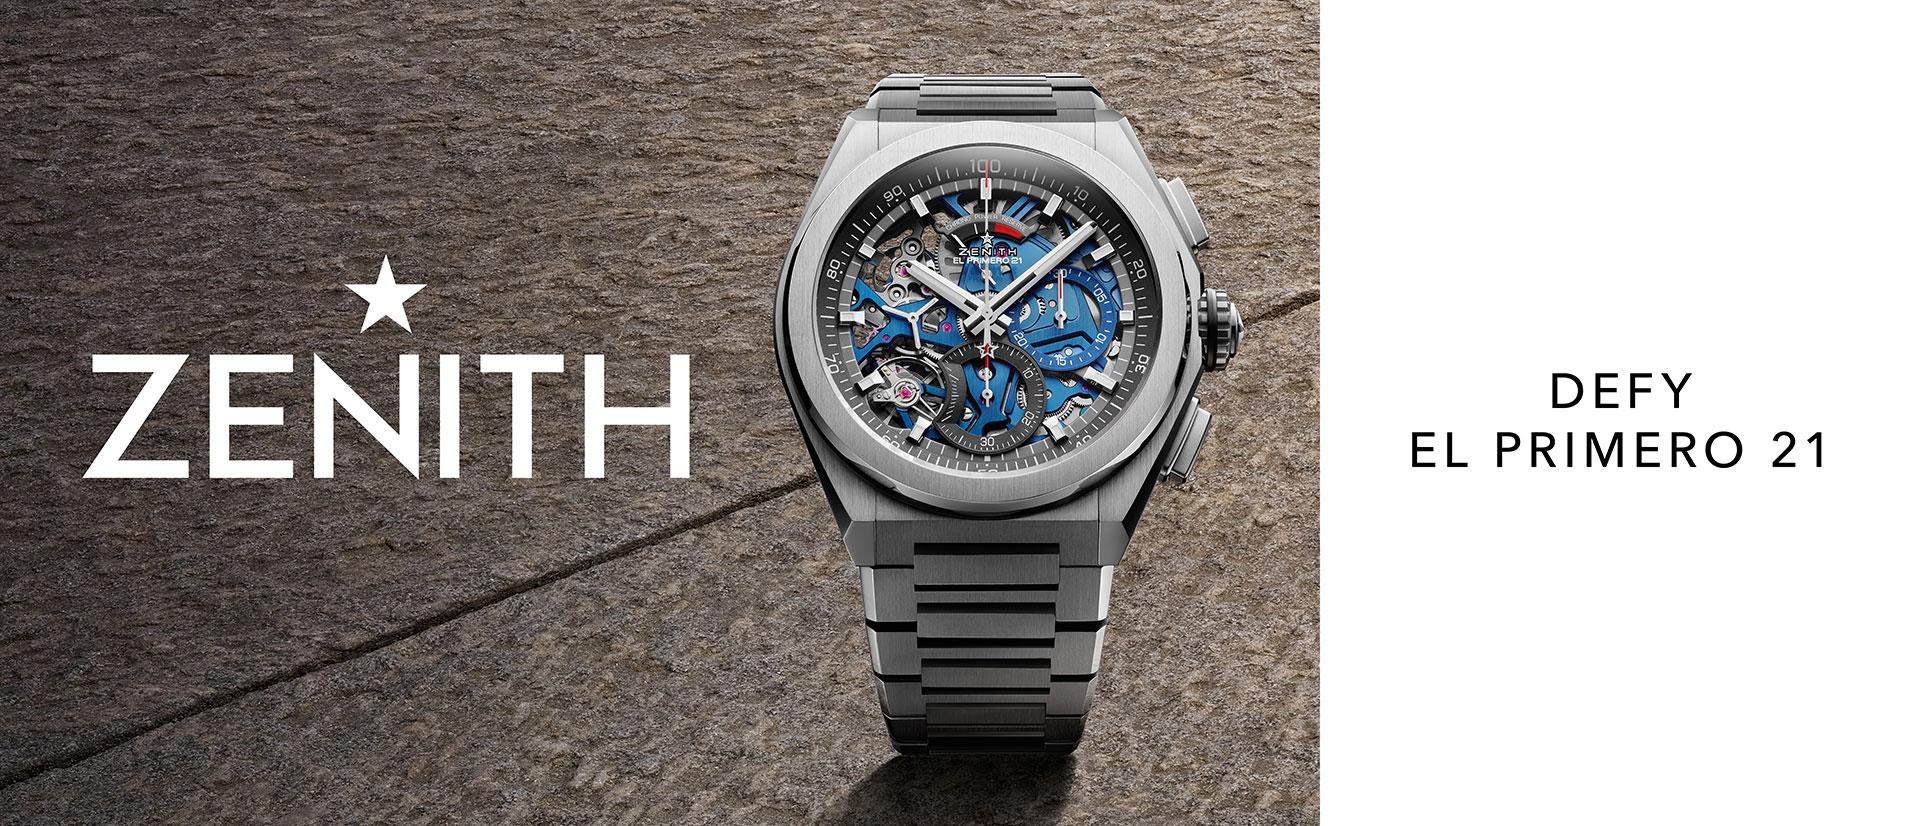 Zenith купить часы украина